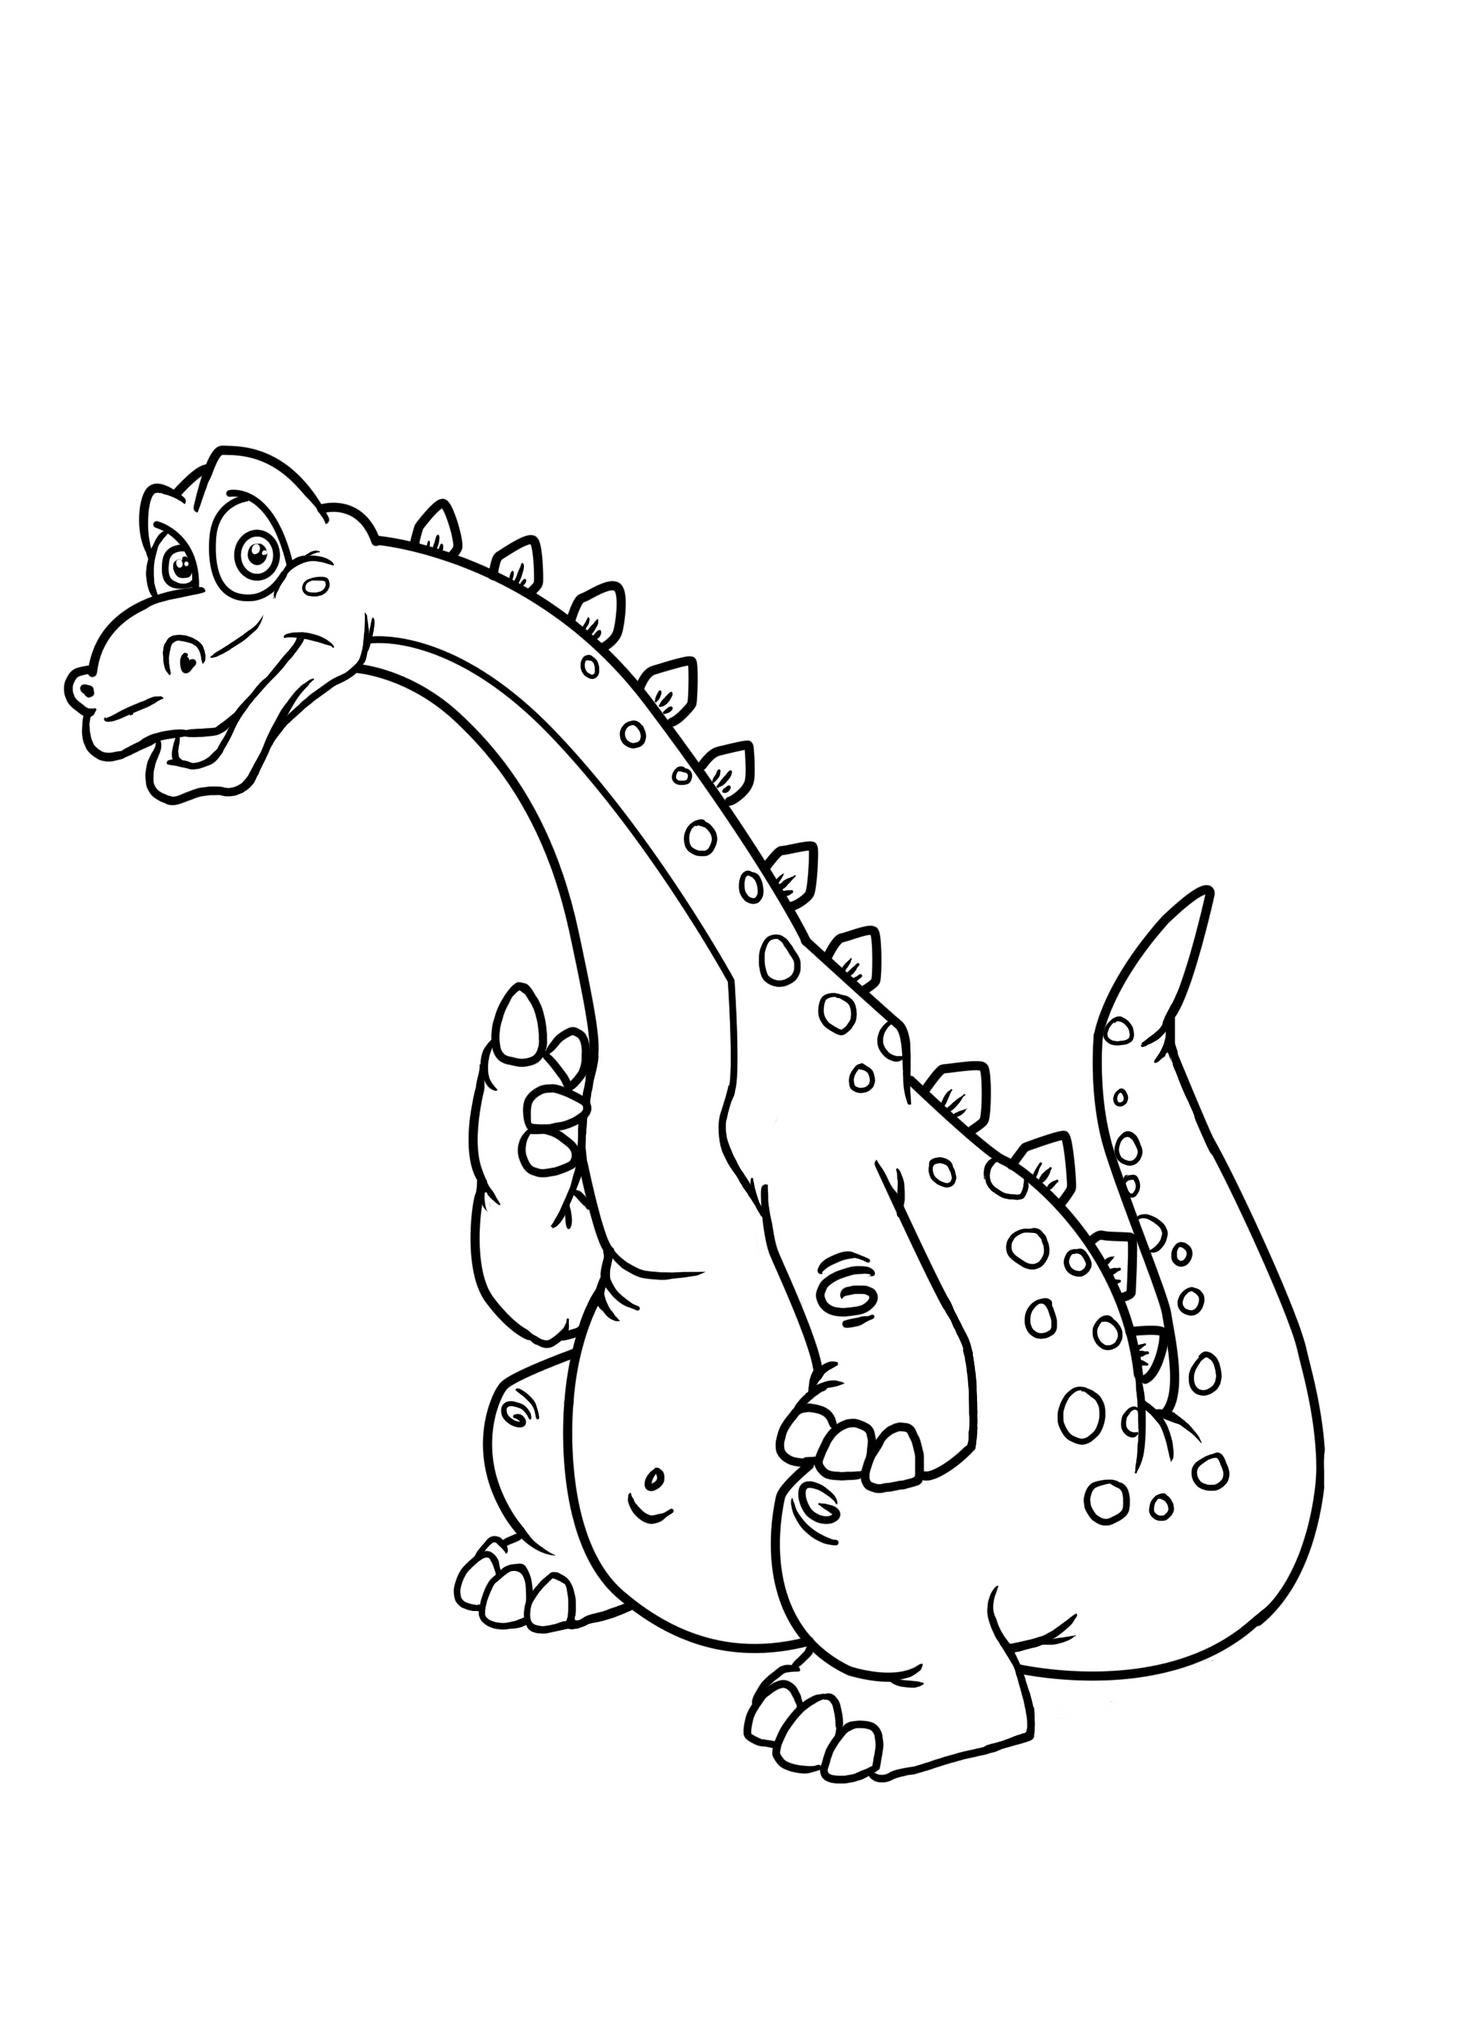 Planse de Colorat cu Dinozauri Fiorosi Planse de Colorat cu Dinozauri